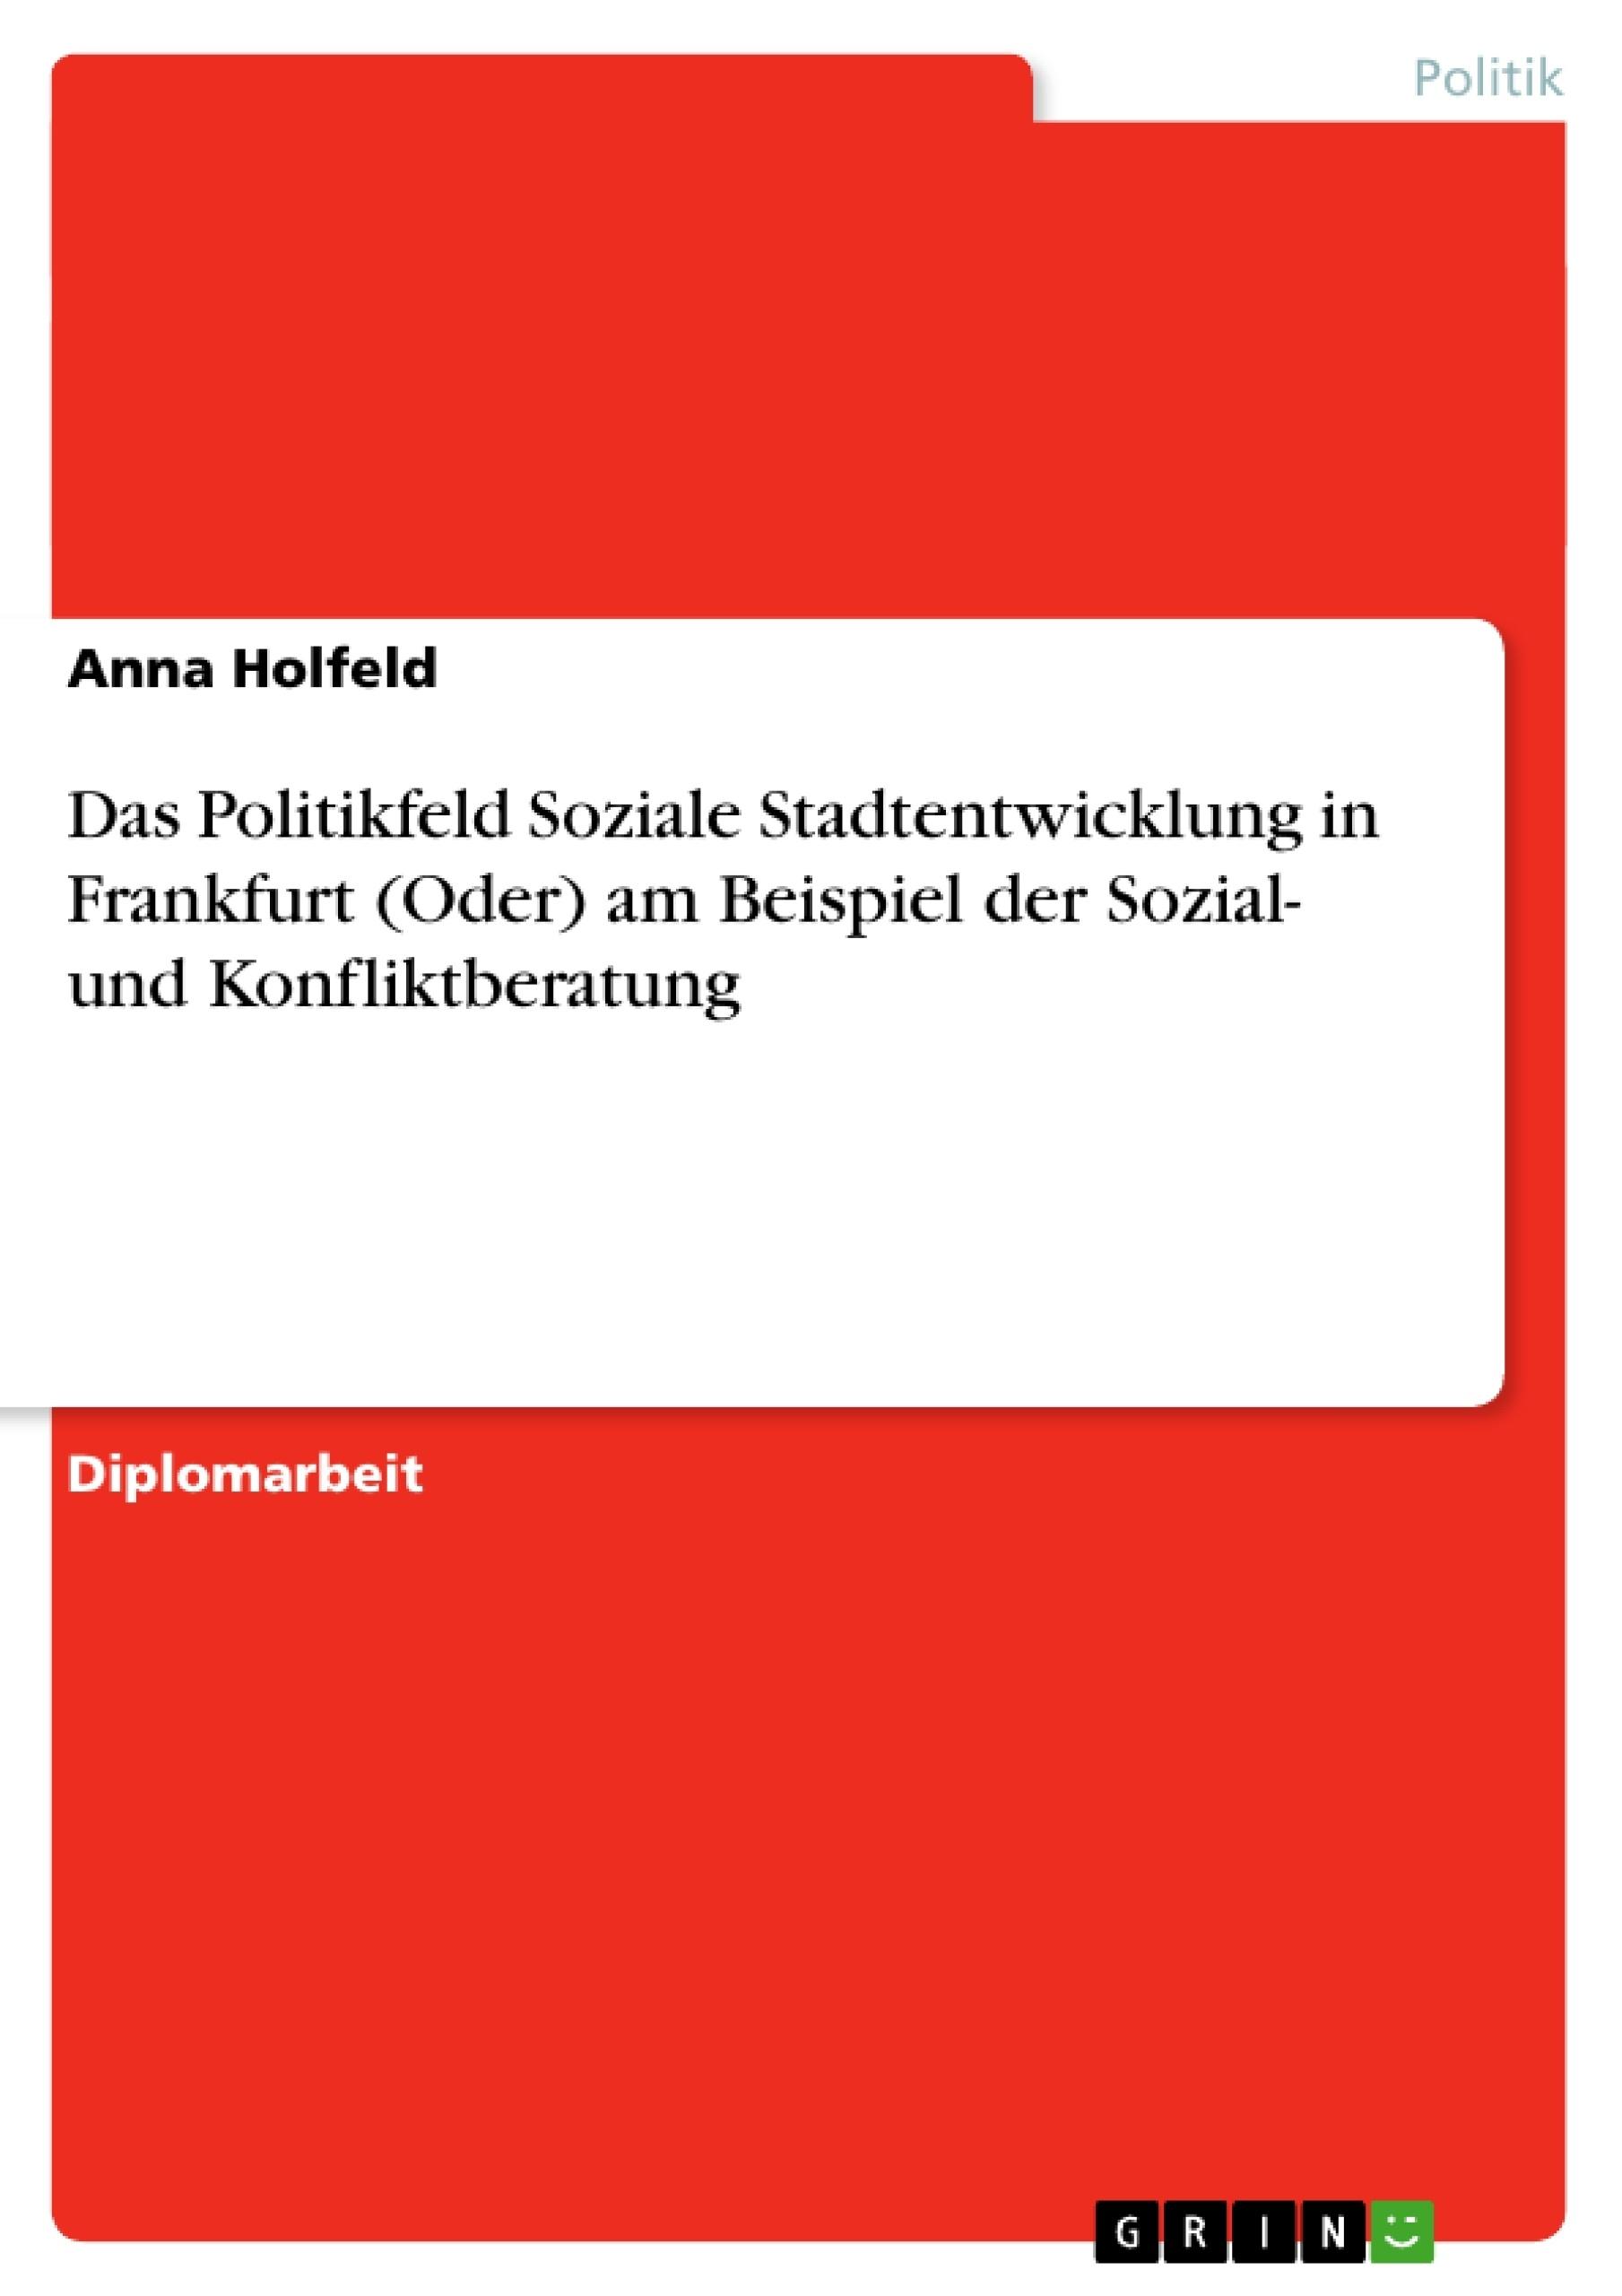 Titel: Das Politikfeld Soziale Stadtentwicklung in Frankfurt (Oder) am Beispiel der Sozial- und Konfliktberatung